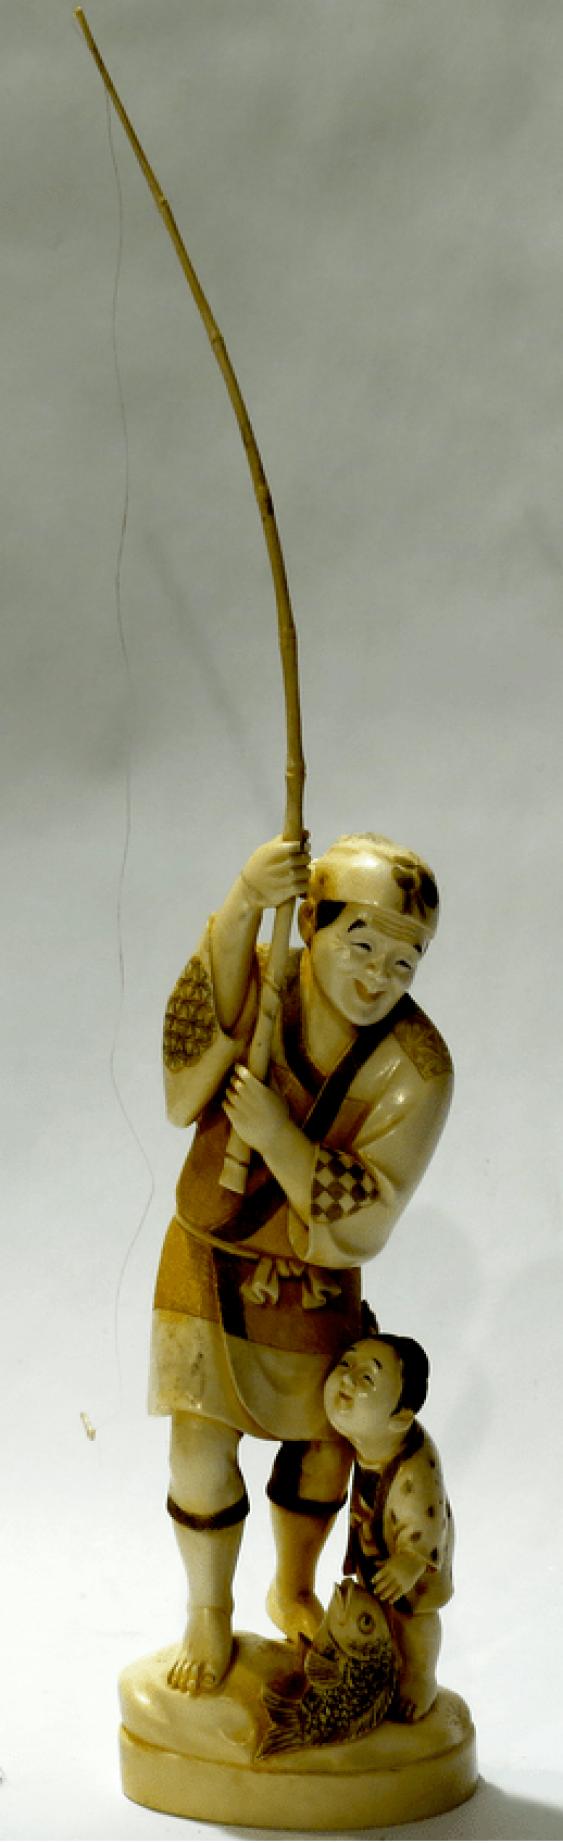 """окимоно. """"Fischer"""". Japan. natsch. 20. Jahrhundert. - Foto 1"""